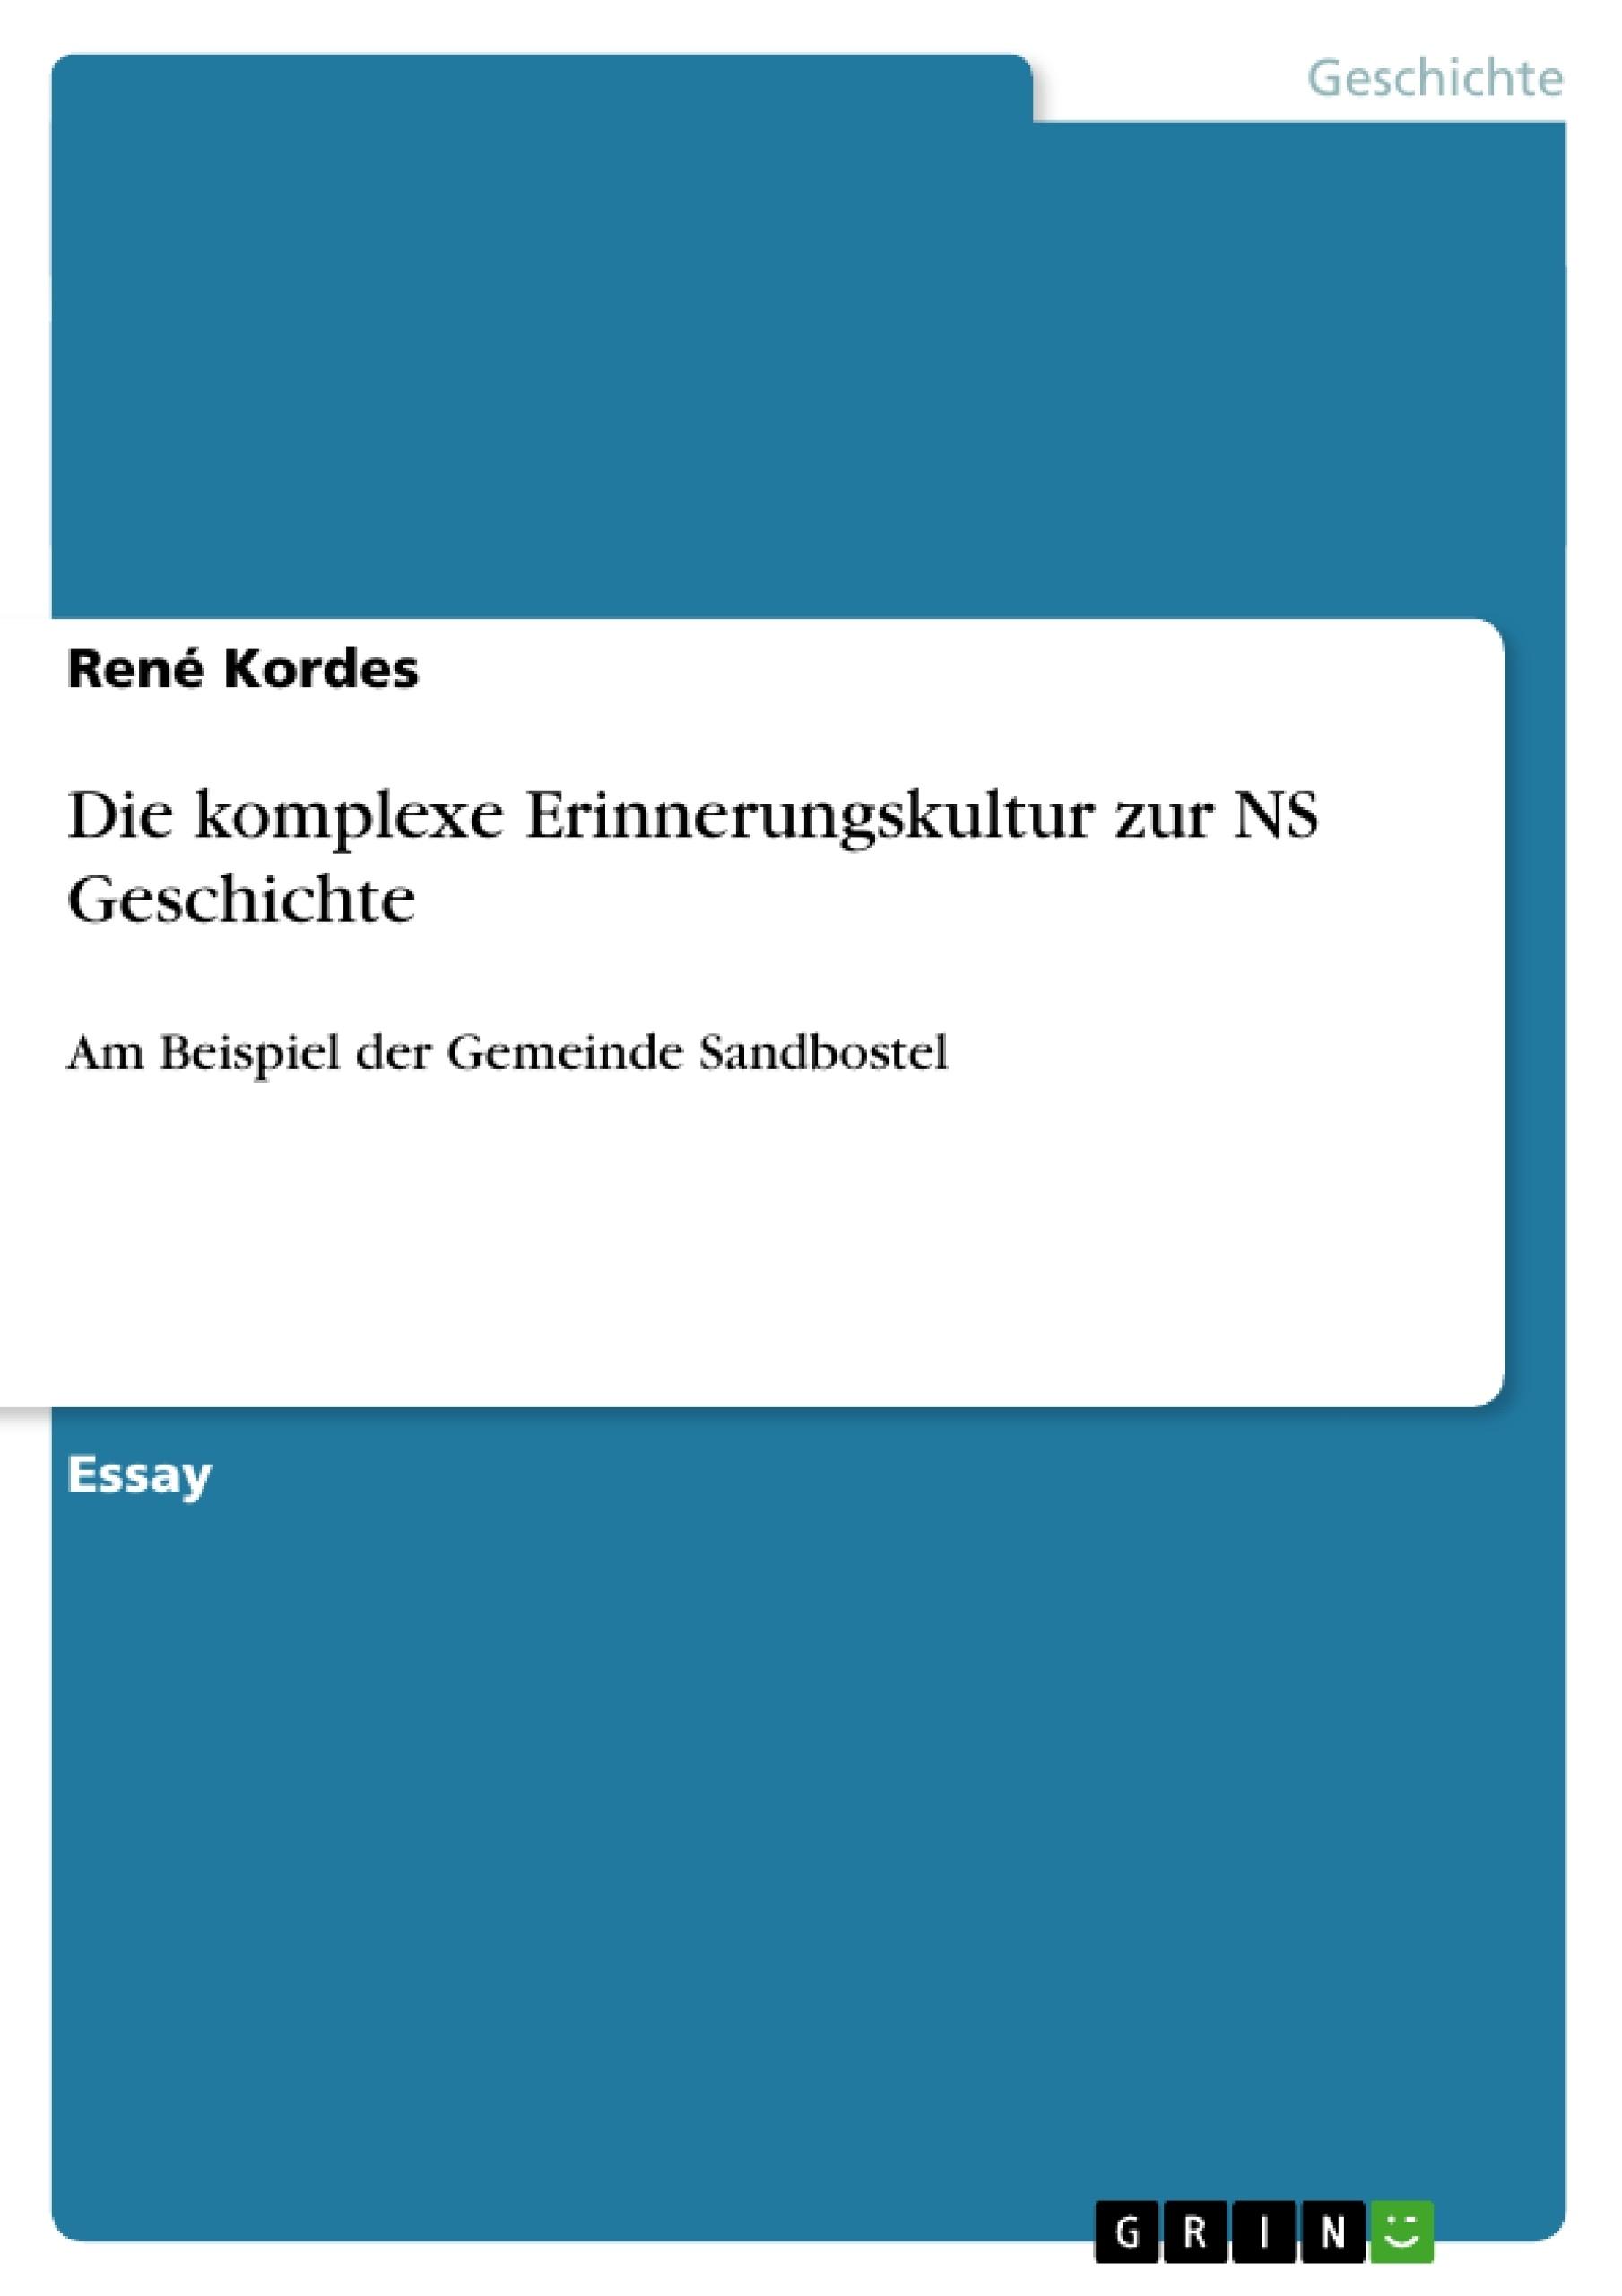 Titel: Die komplexe Erinnerungskultur zur NS Geschichte